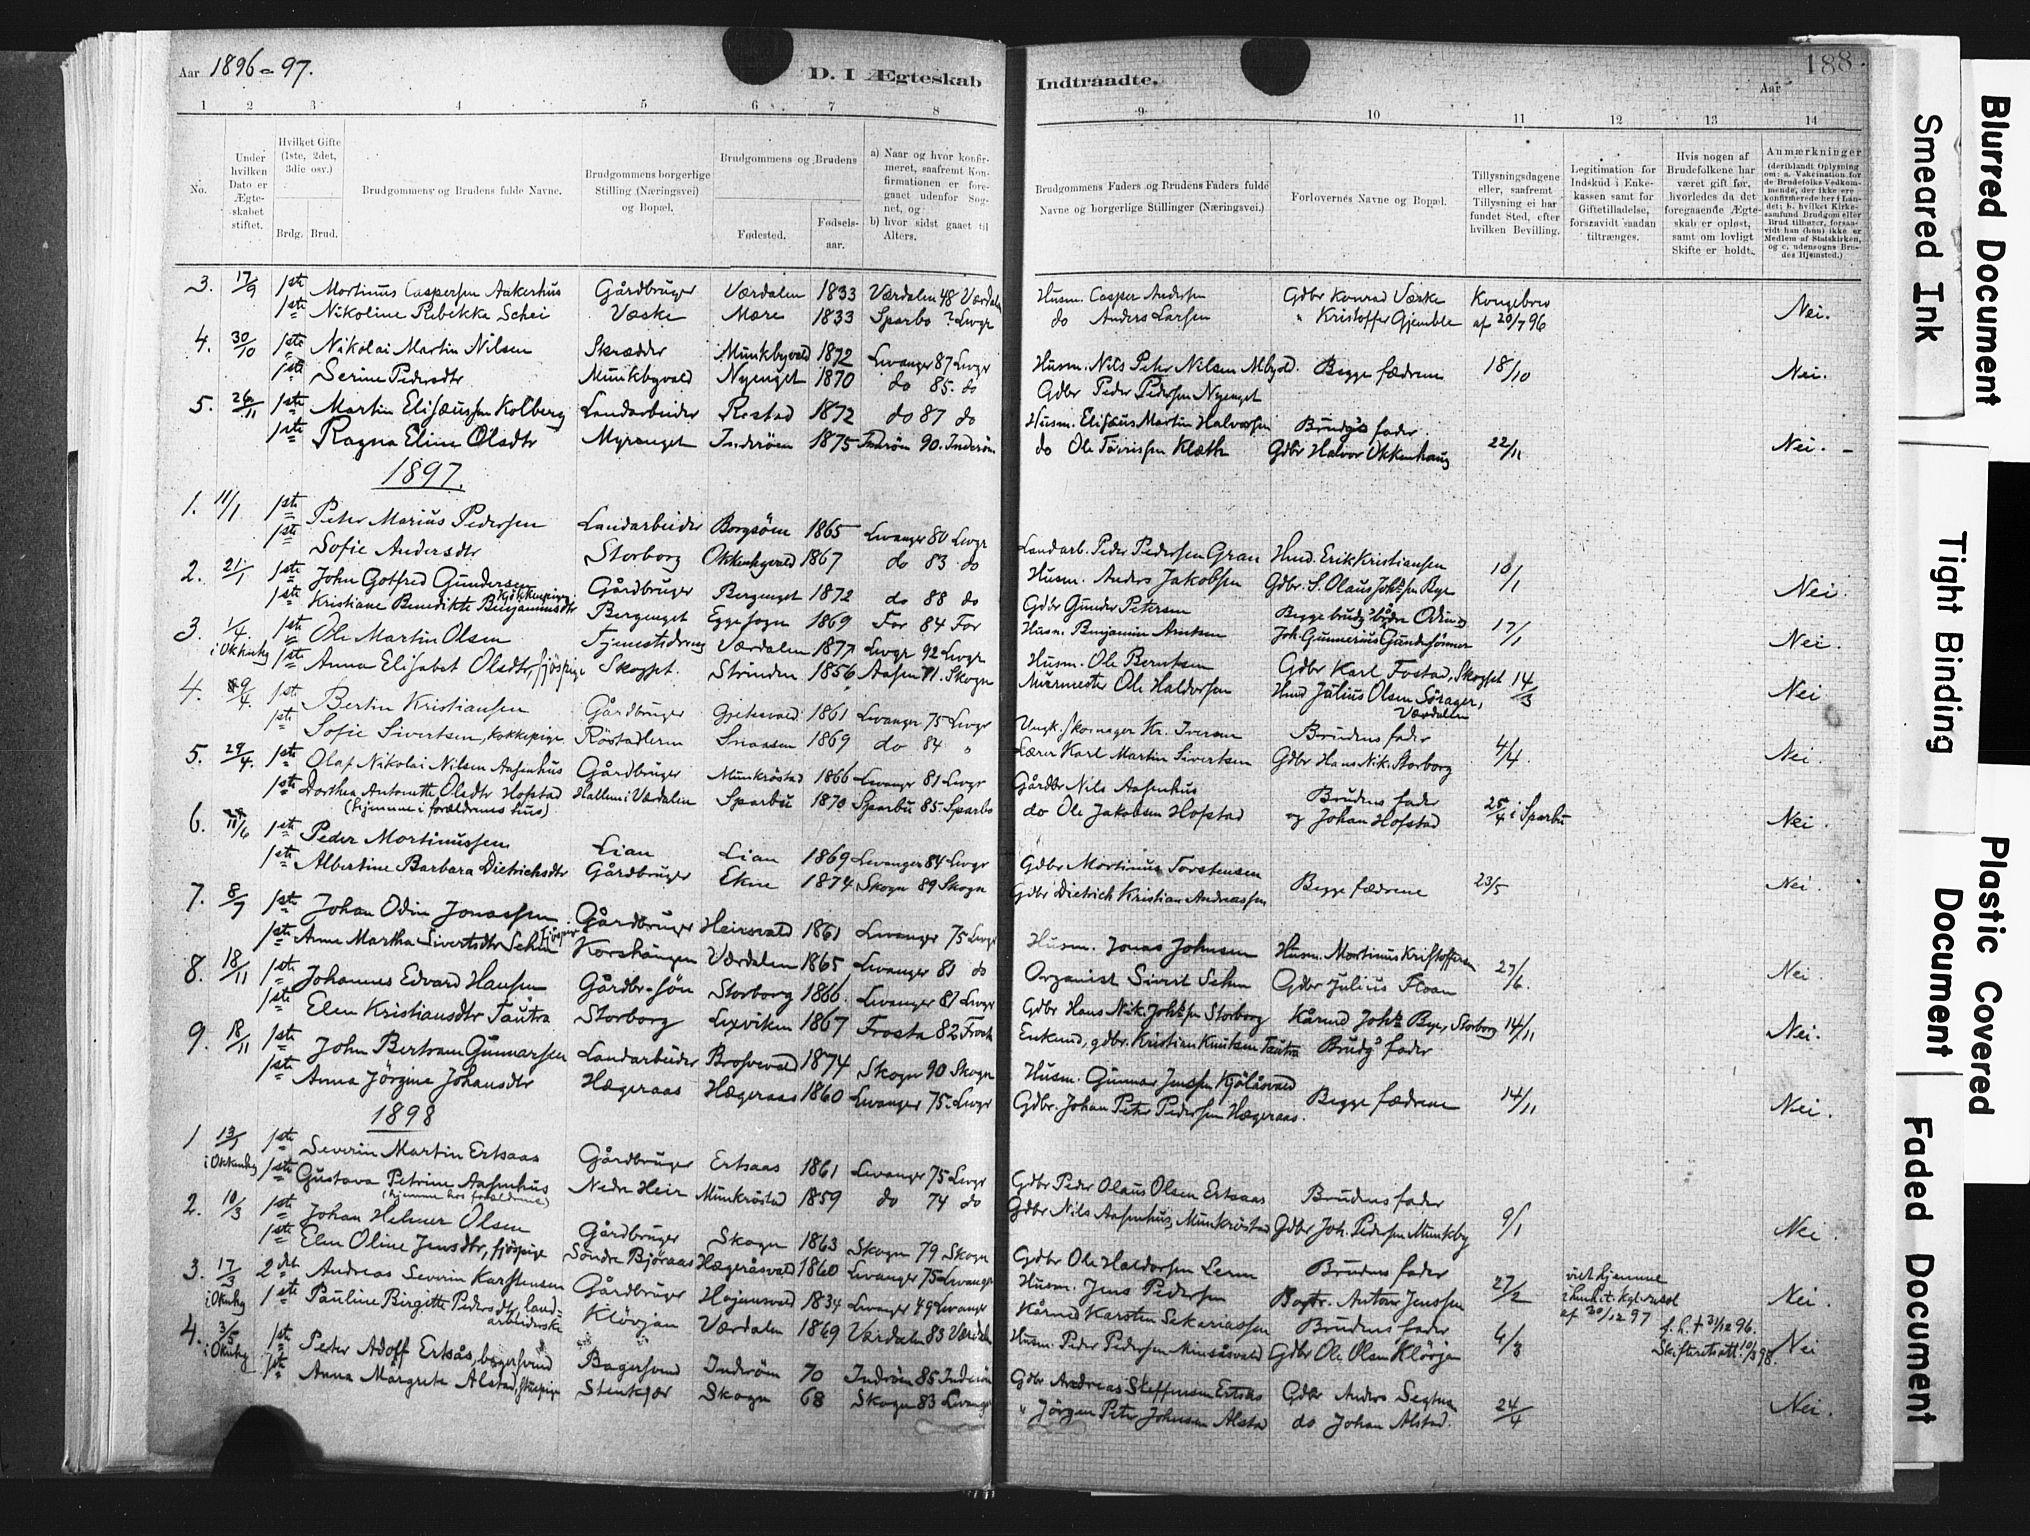 SAT, Ministerialprotokoller, klokkerbøker og fødselsregistre - Nord-Trøndelag, 721/L0207: Ministerialbok nr. 721A02, 1880-1911, s. 188